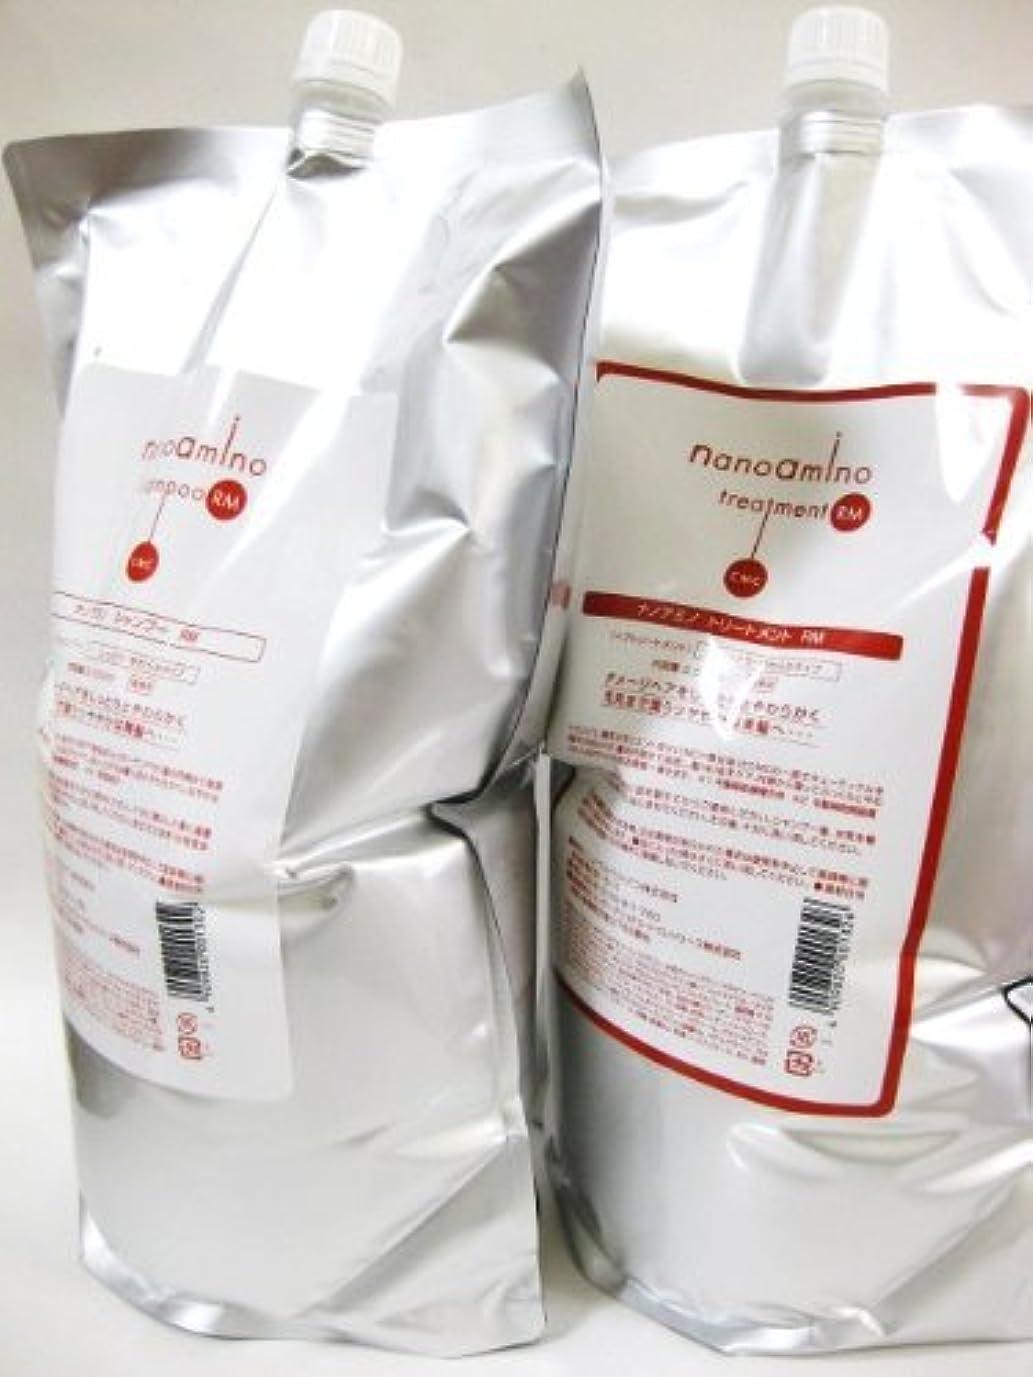 リボン弾薬スマイルニューウェイジャパン ナノアミノ RM 2500 詰替えタイプ 合わせて5キロ!![ビックサイズ]セット